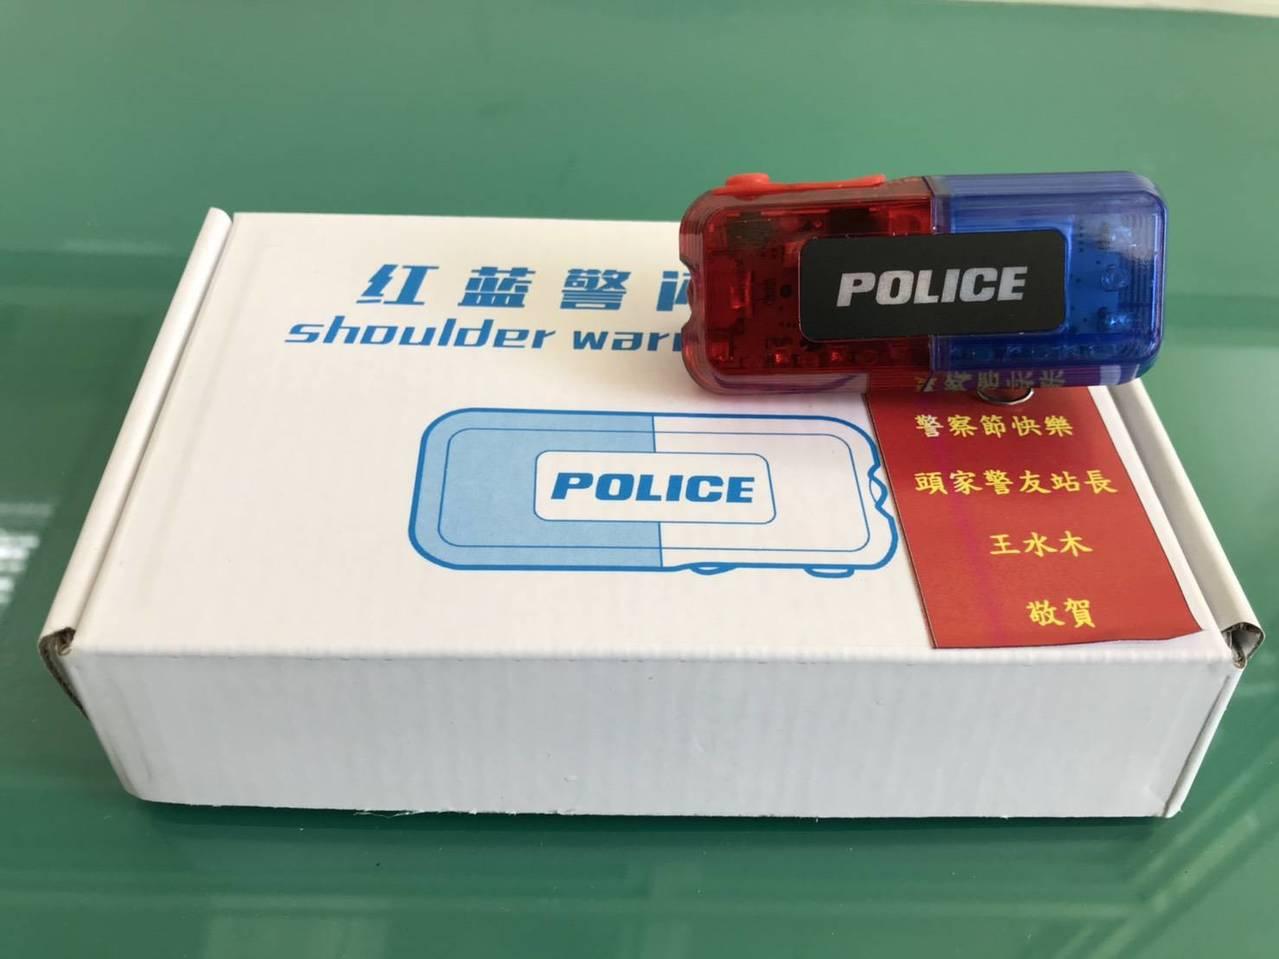 頭家所警友站在警察節添購深色運動鞋與爆閃肩燈,送給豐原警分局頭家所26名員警,希...